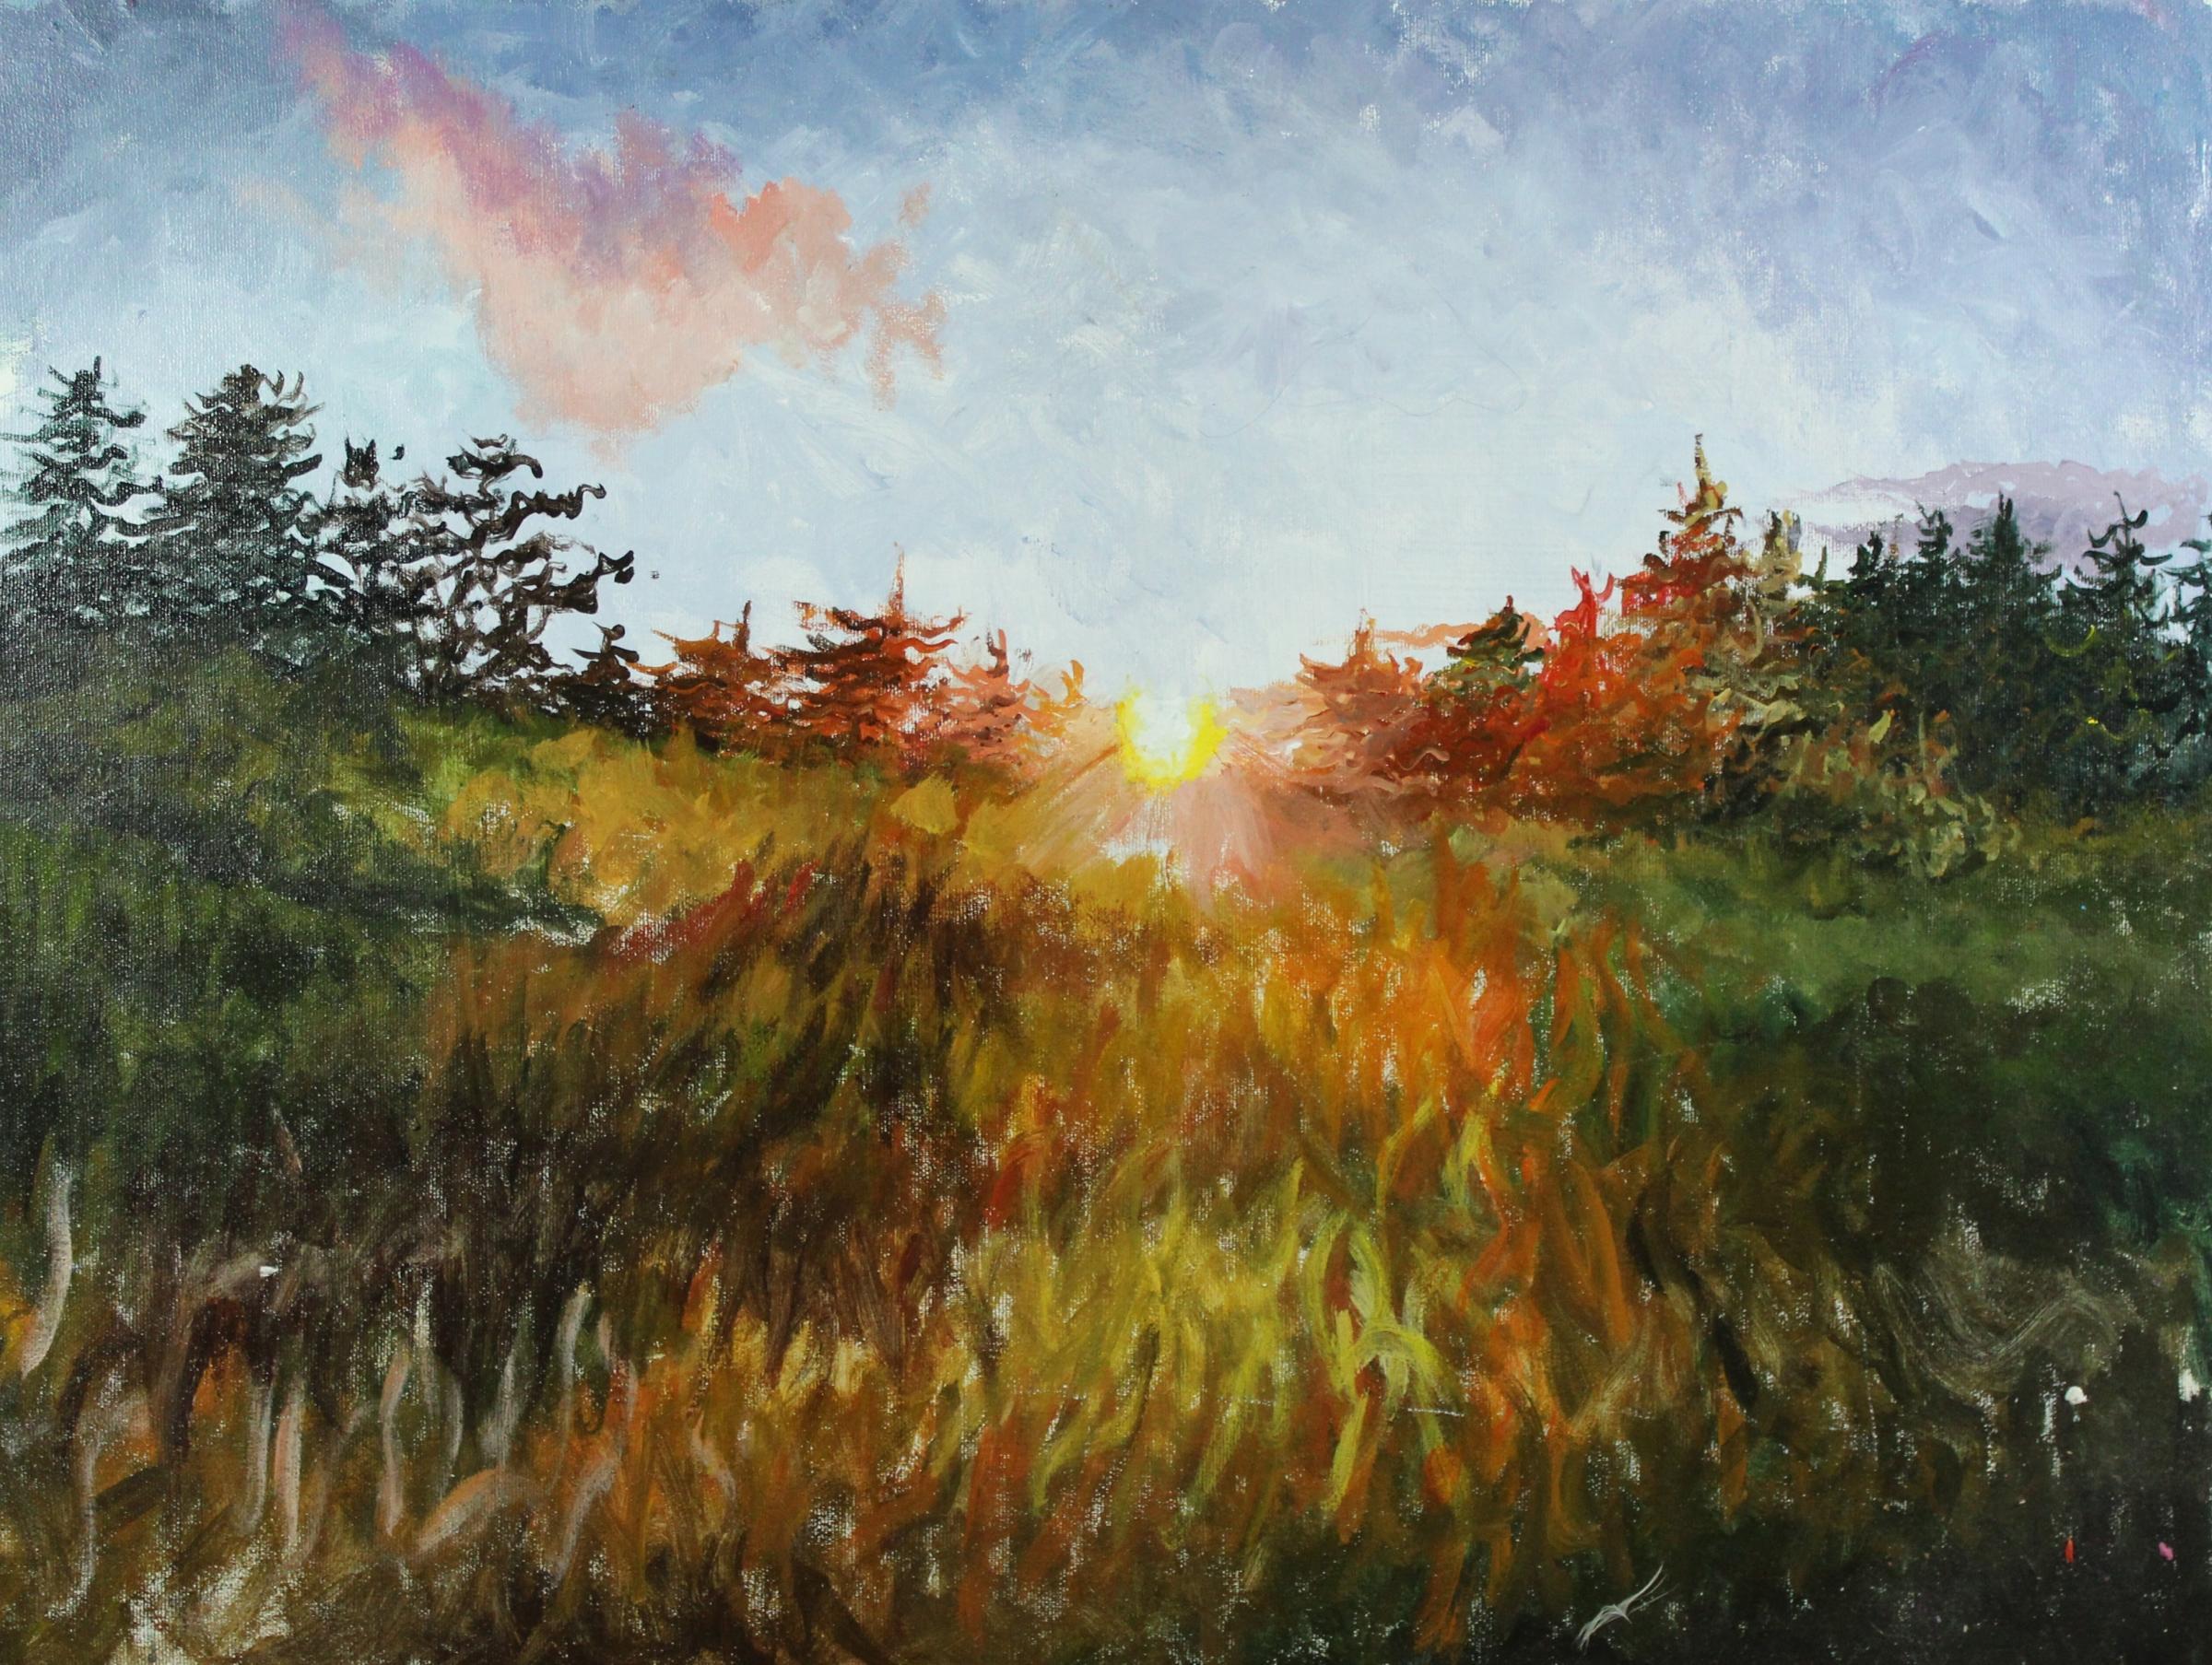 Acrylic Sunset by Danielle Nothmann